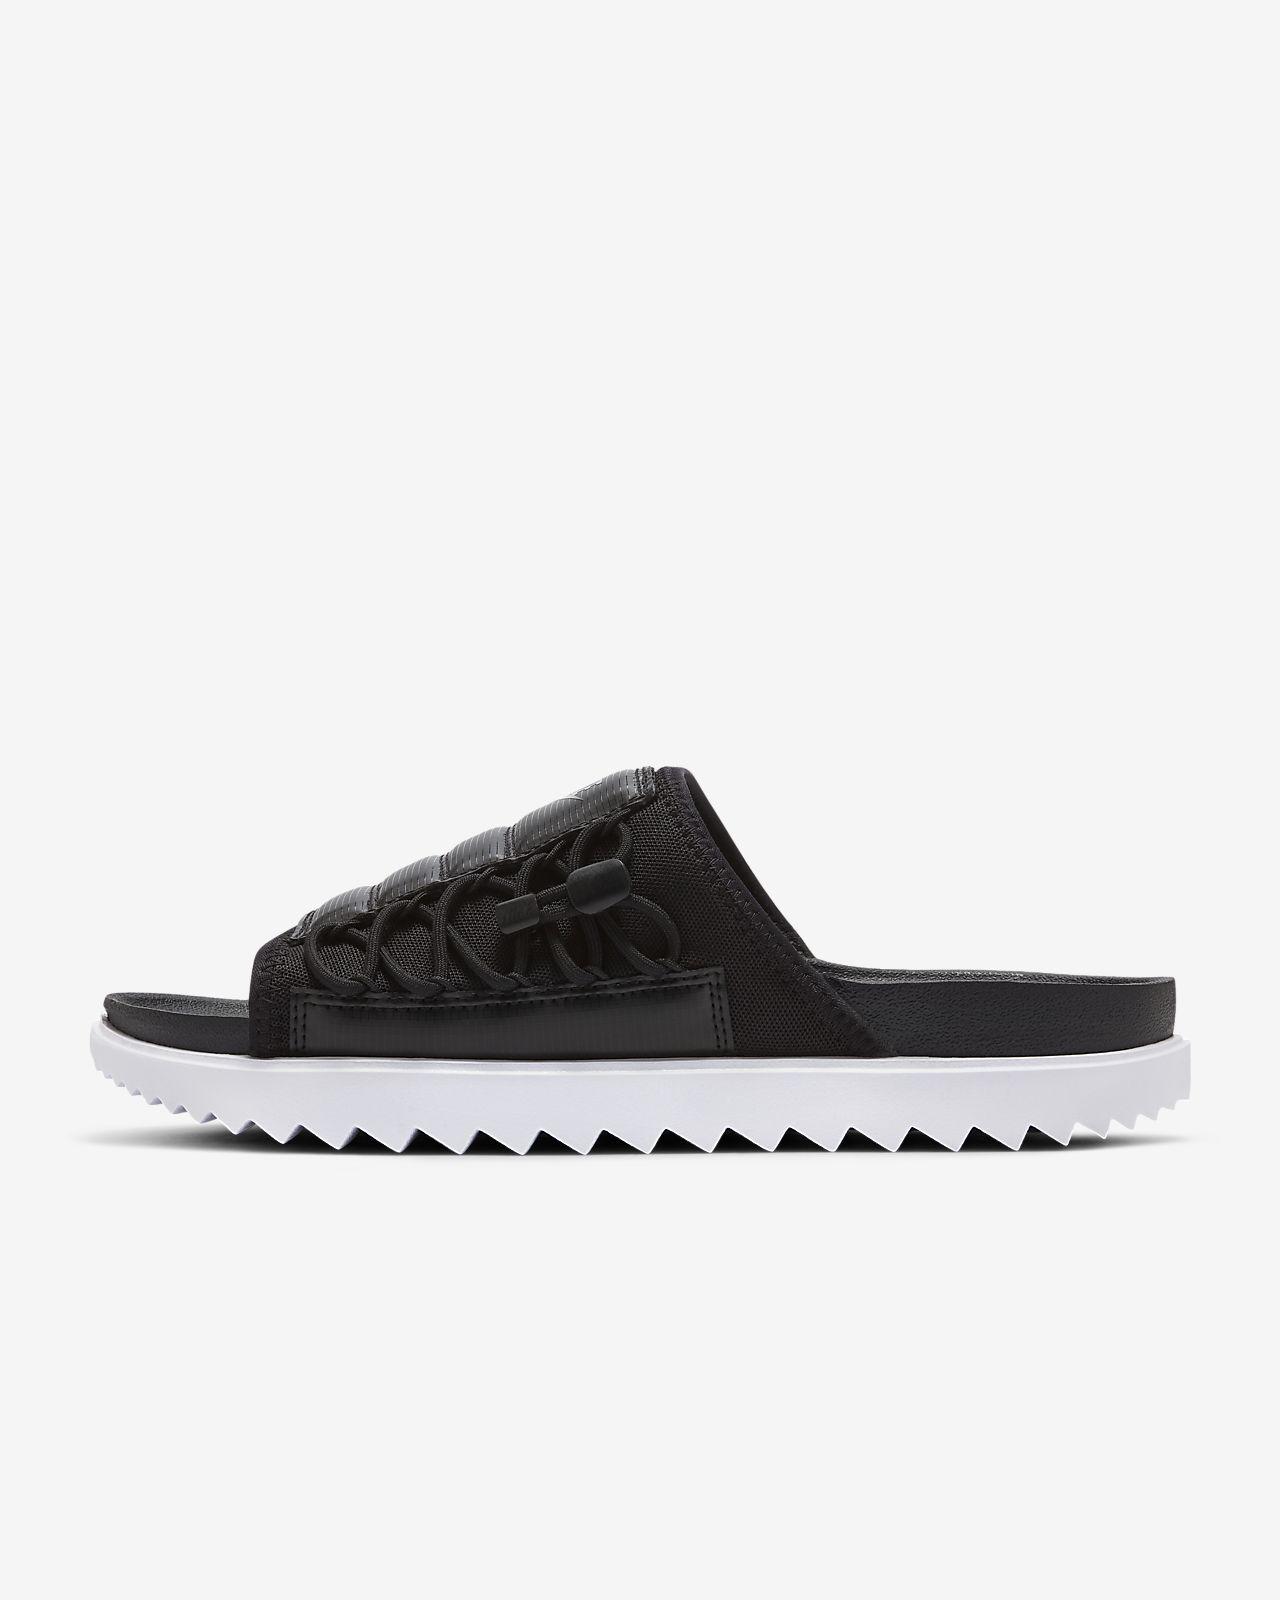 Nike Asuna Slide 男子拖鞋